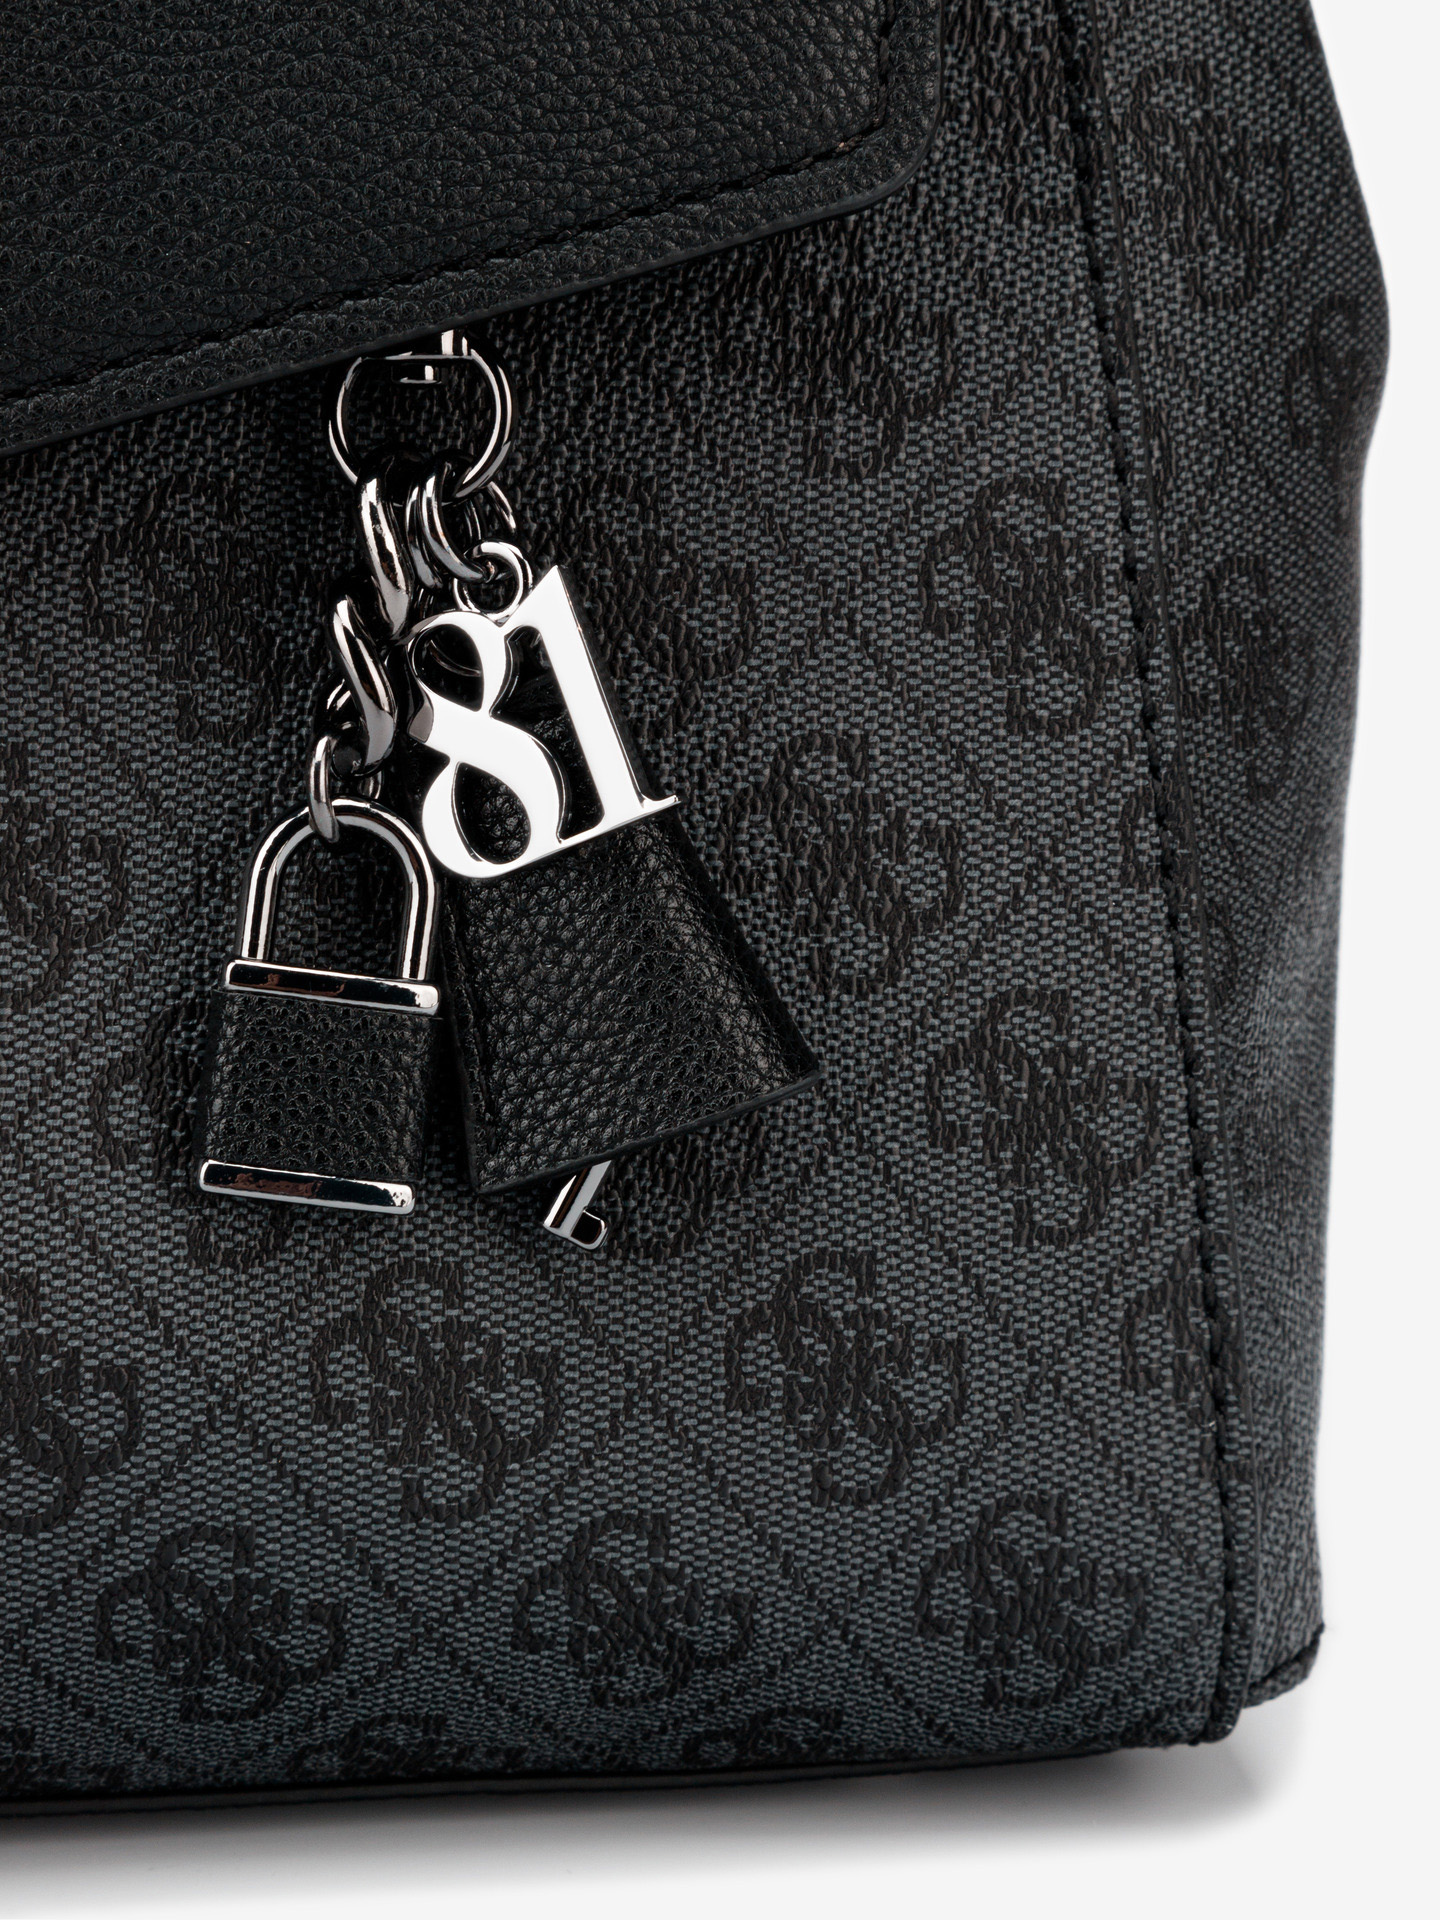 Guess black handbag Valy Large